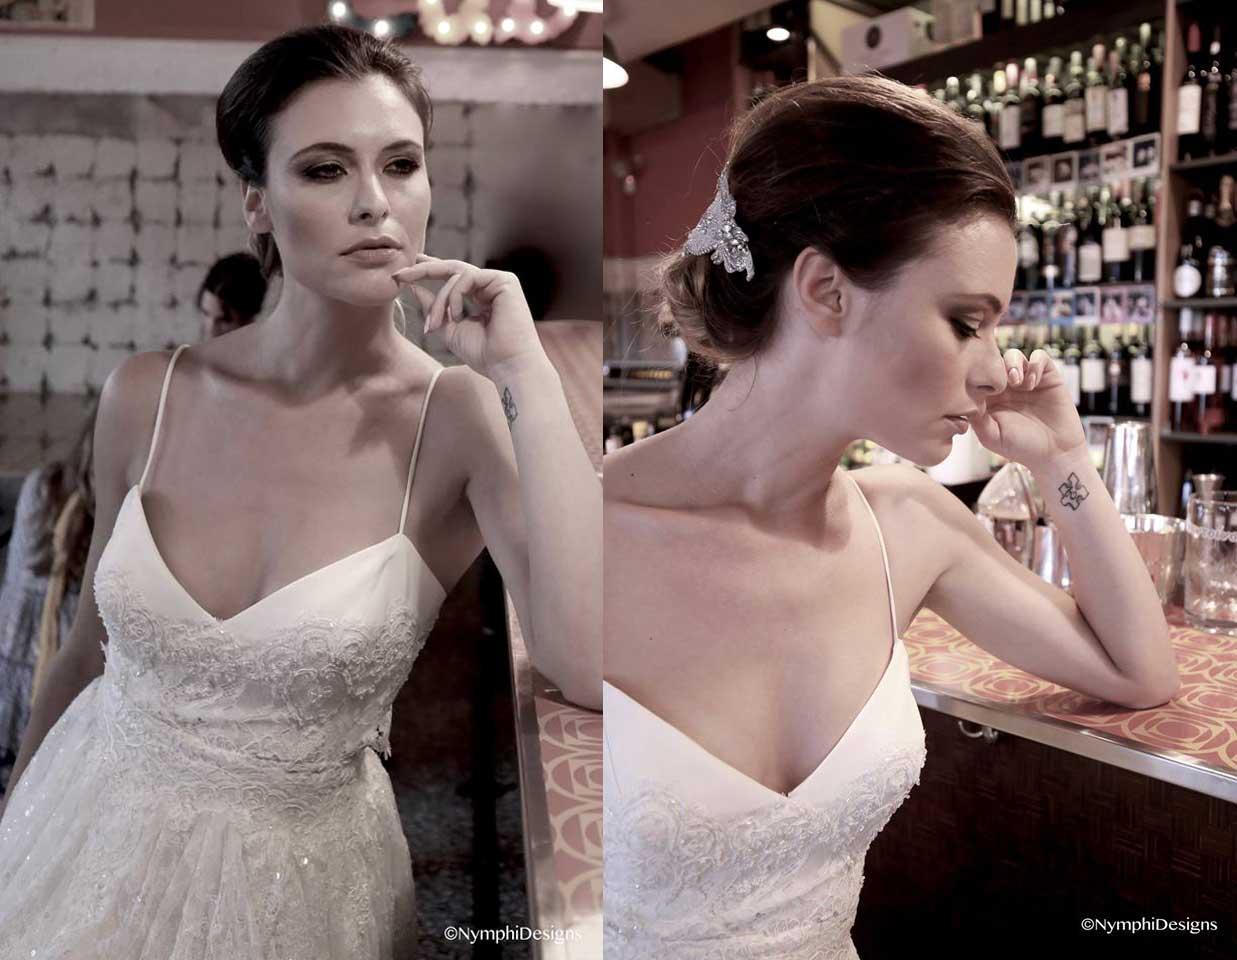 wedding dress with spaggeti straps